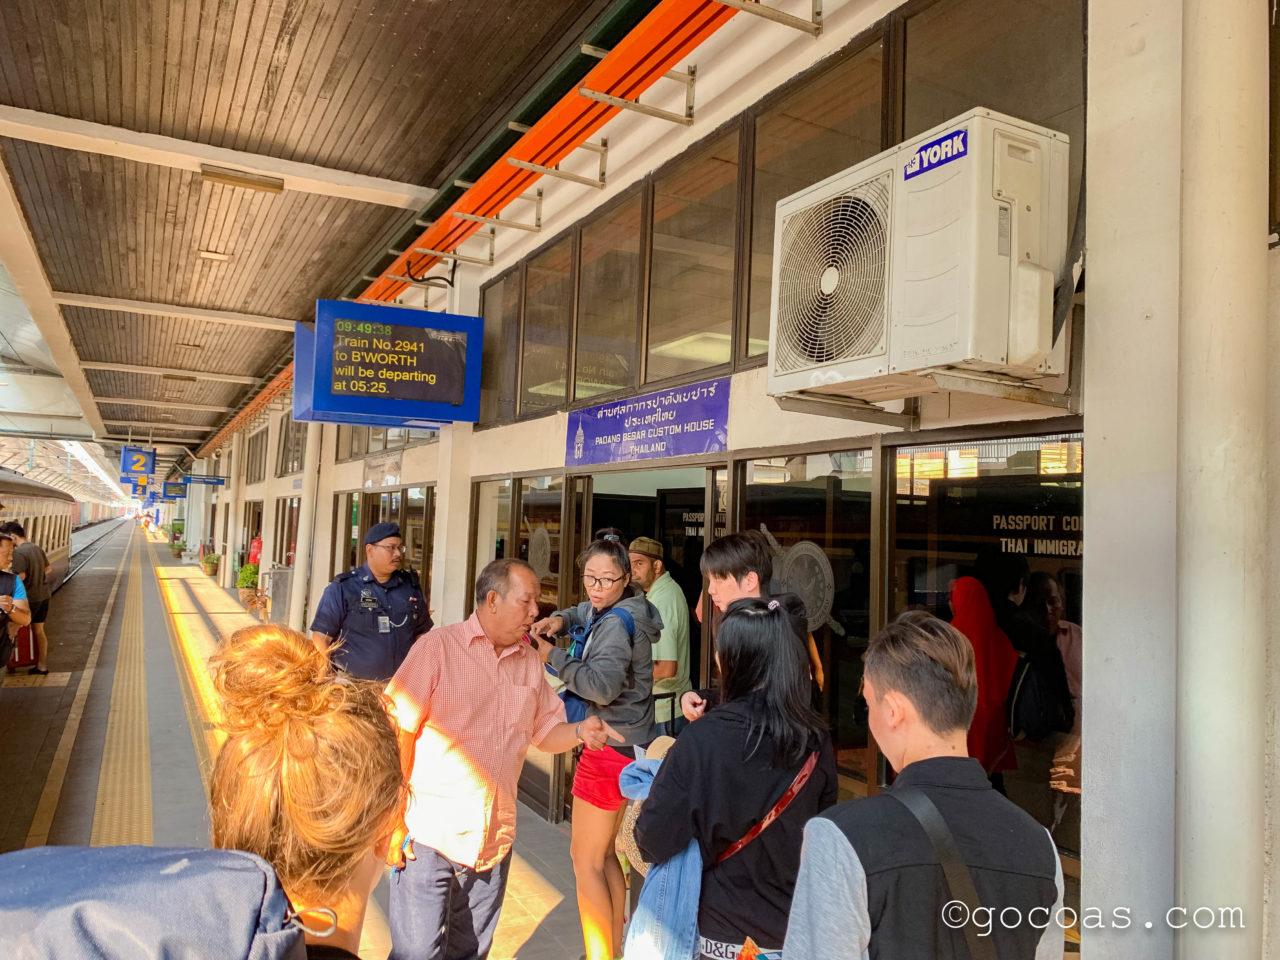 Padang Besar駅の出国審査待ち列